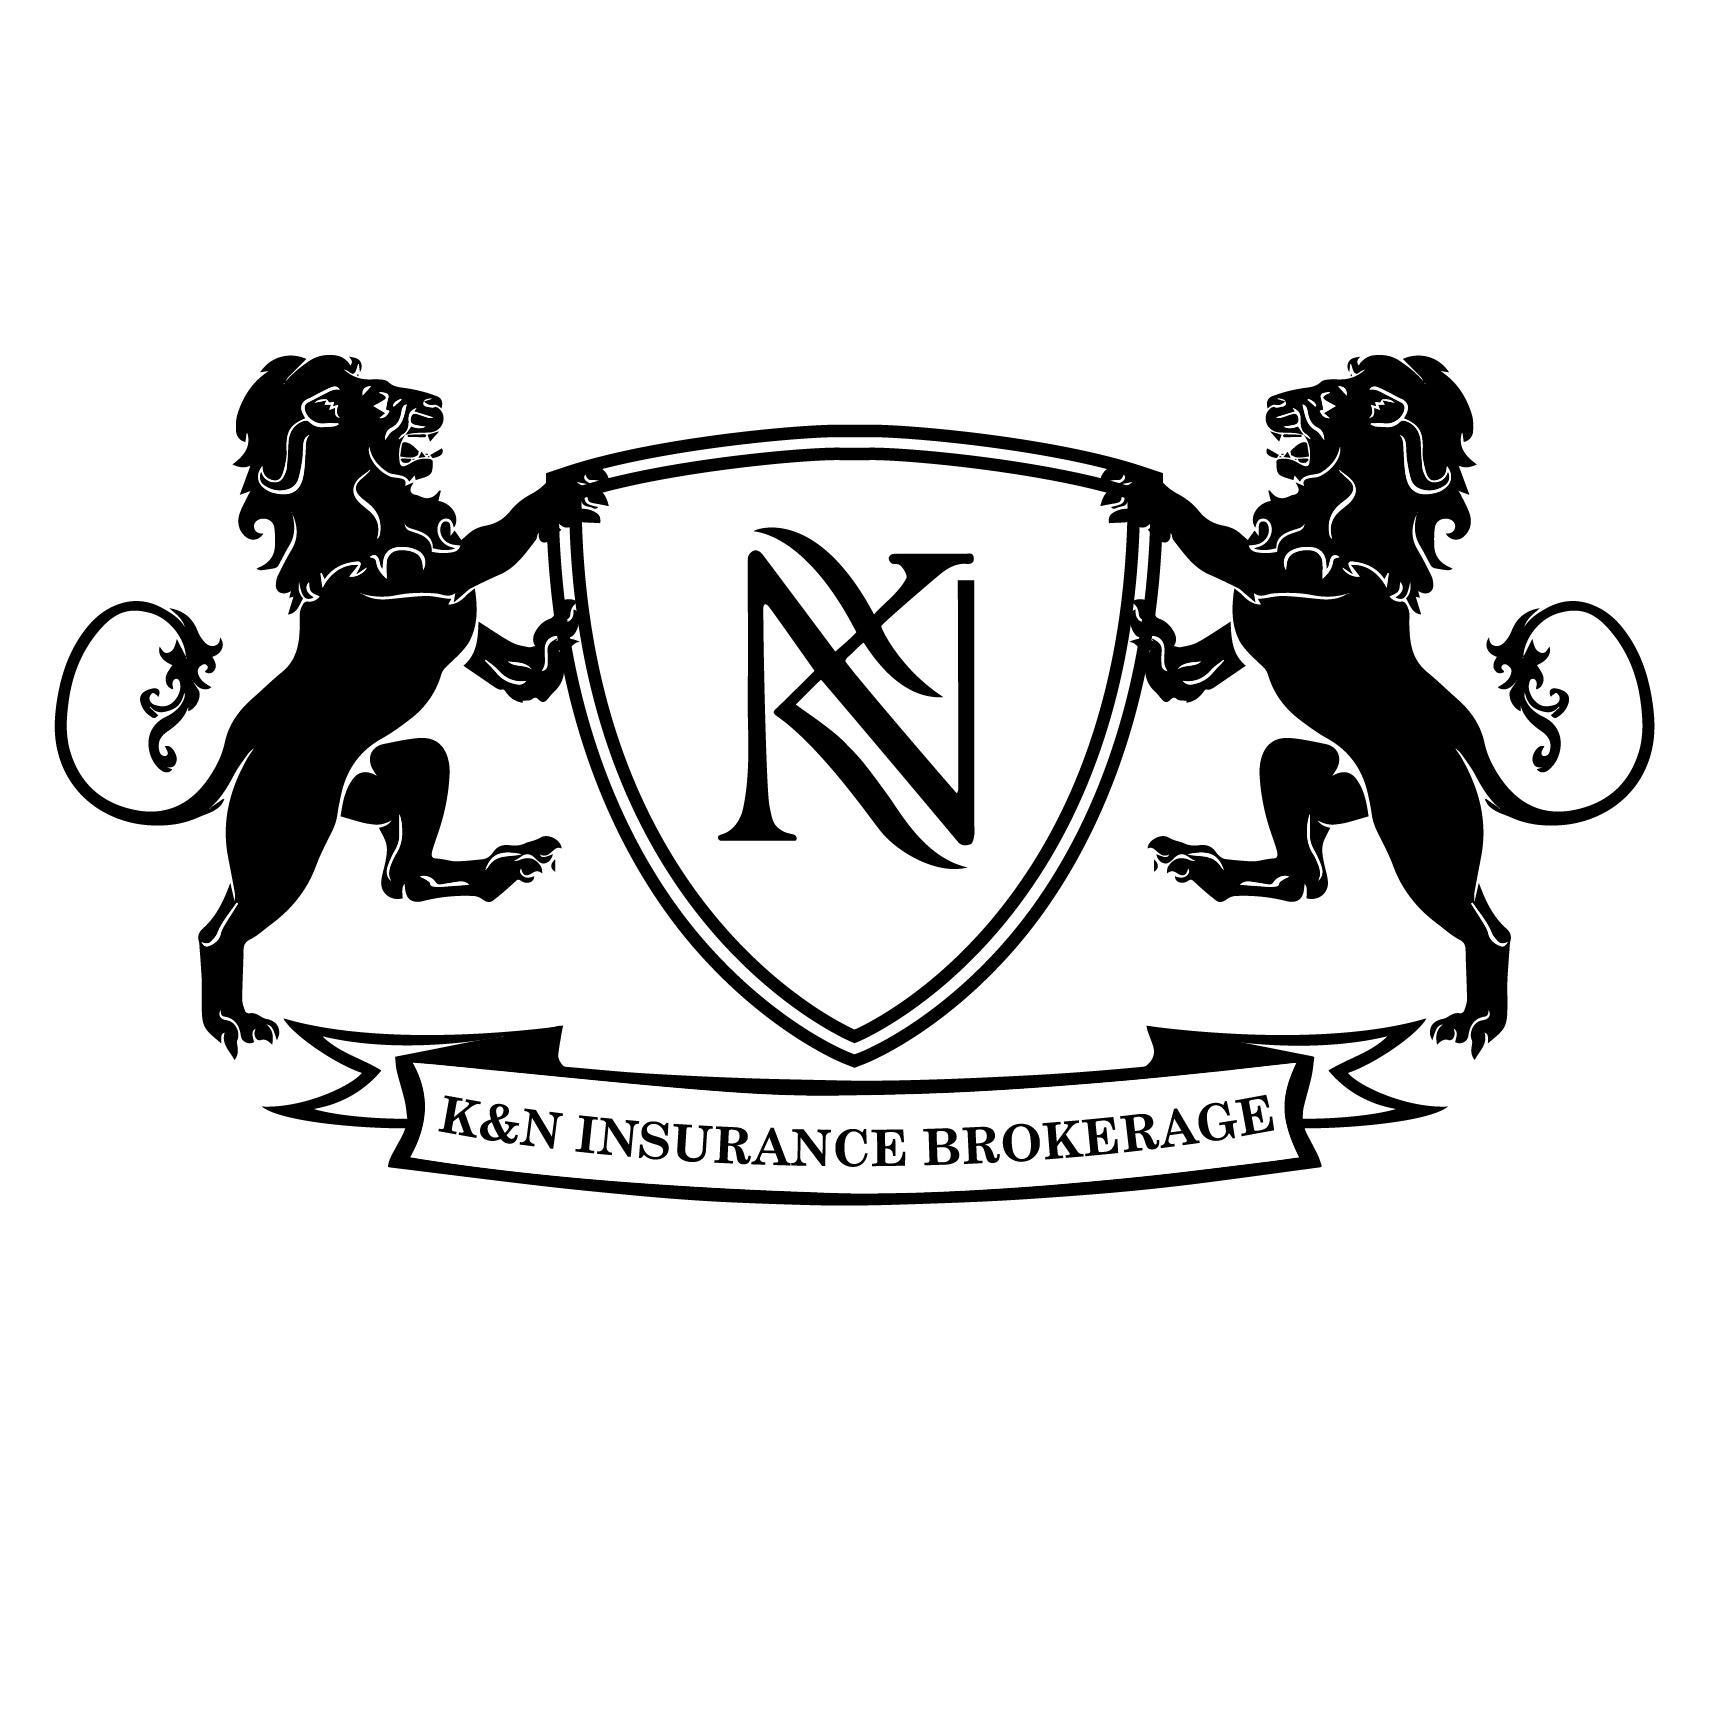 K&N INSURANCE BROKERAGE INC